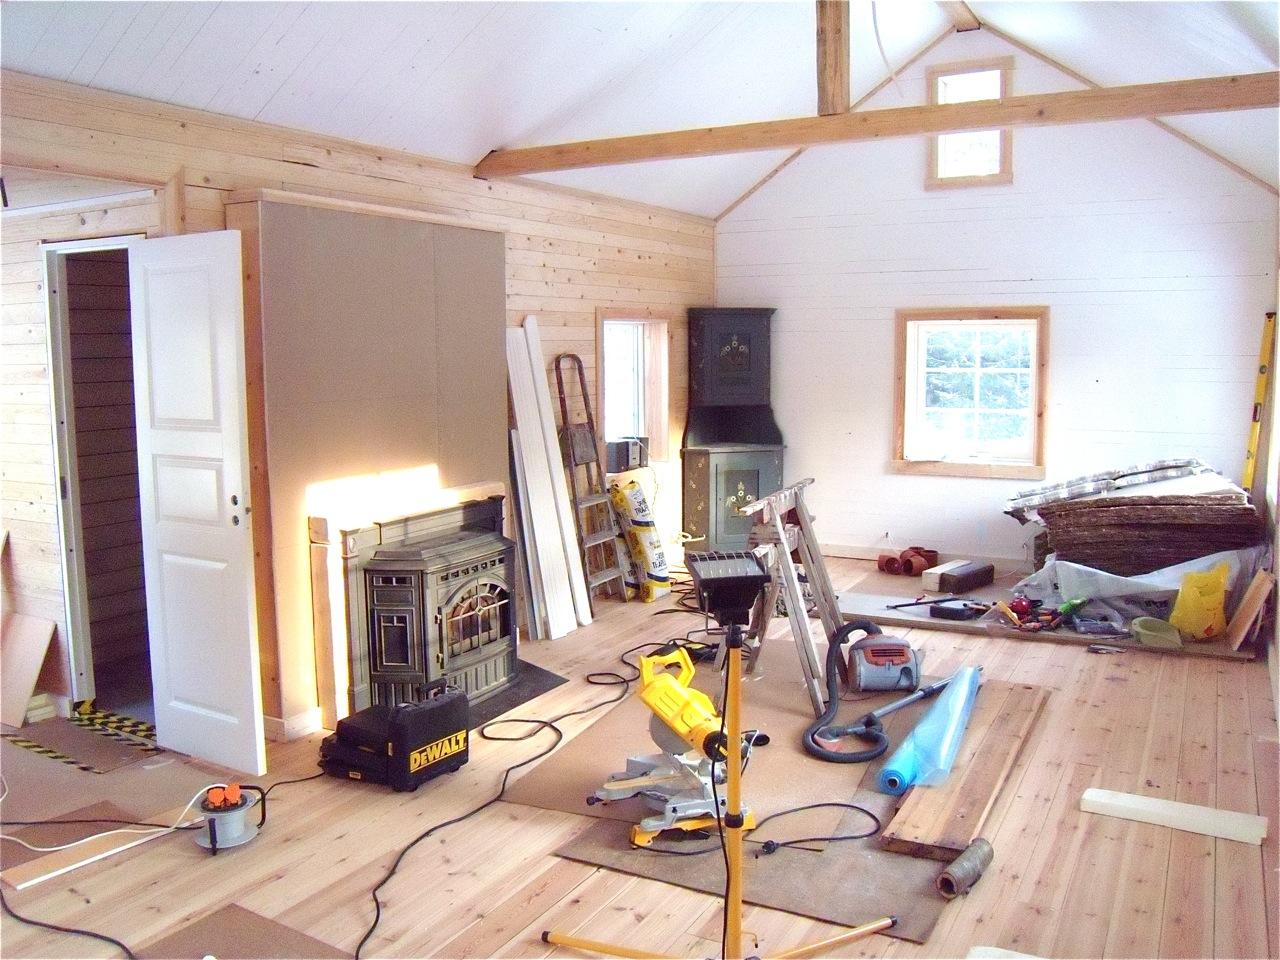 TorpetEriksberg.se: Werkplaats wordt woonkamer